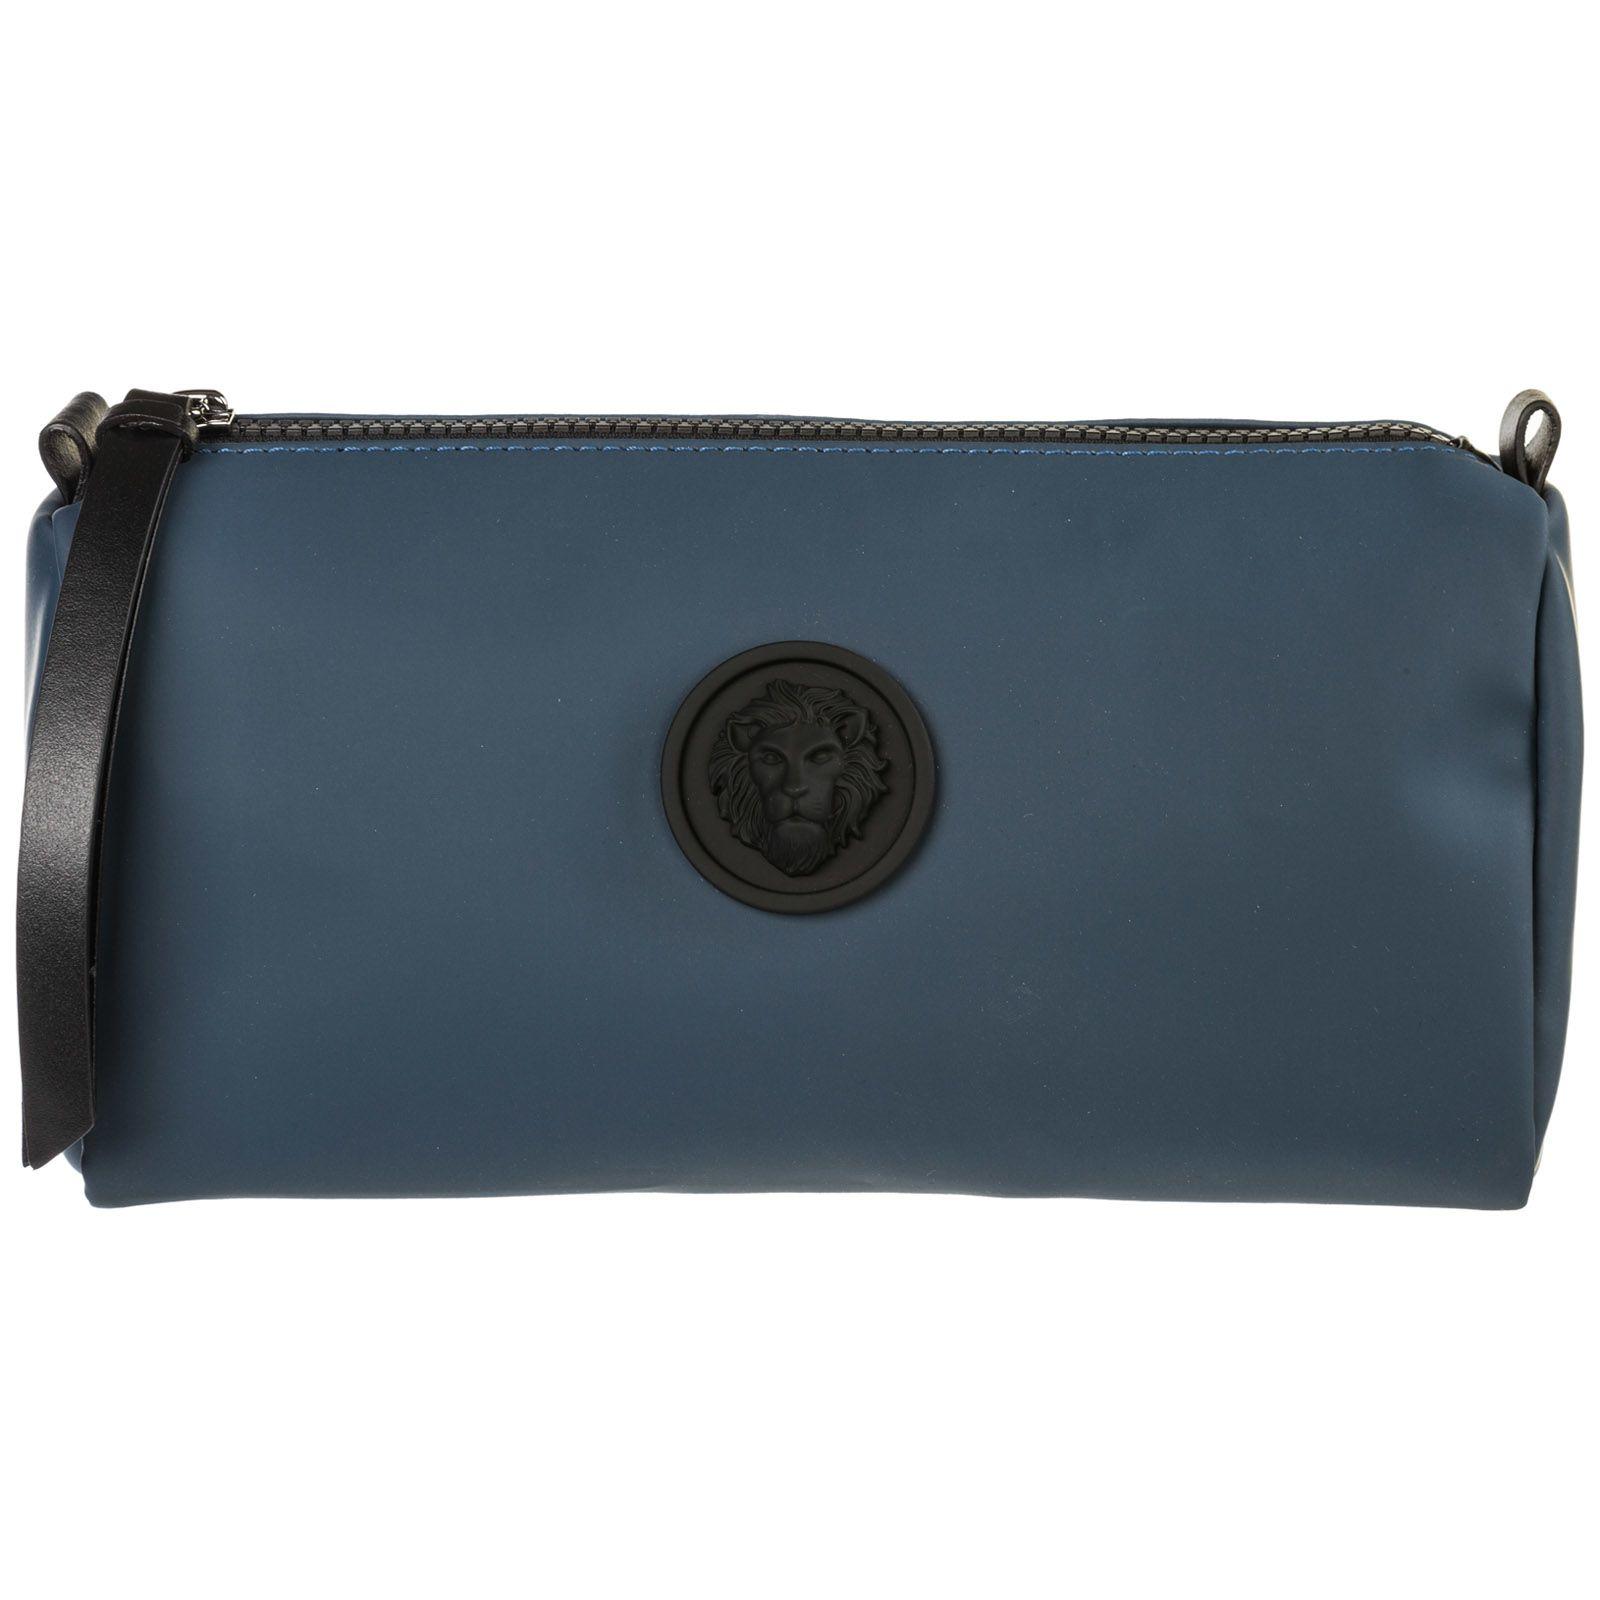 d91cb32de6 Navy Blue Versace Bag